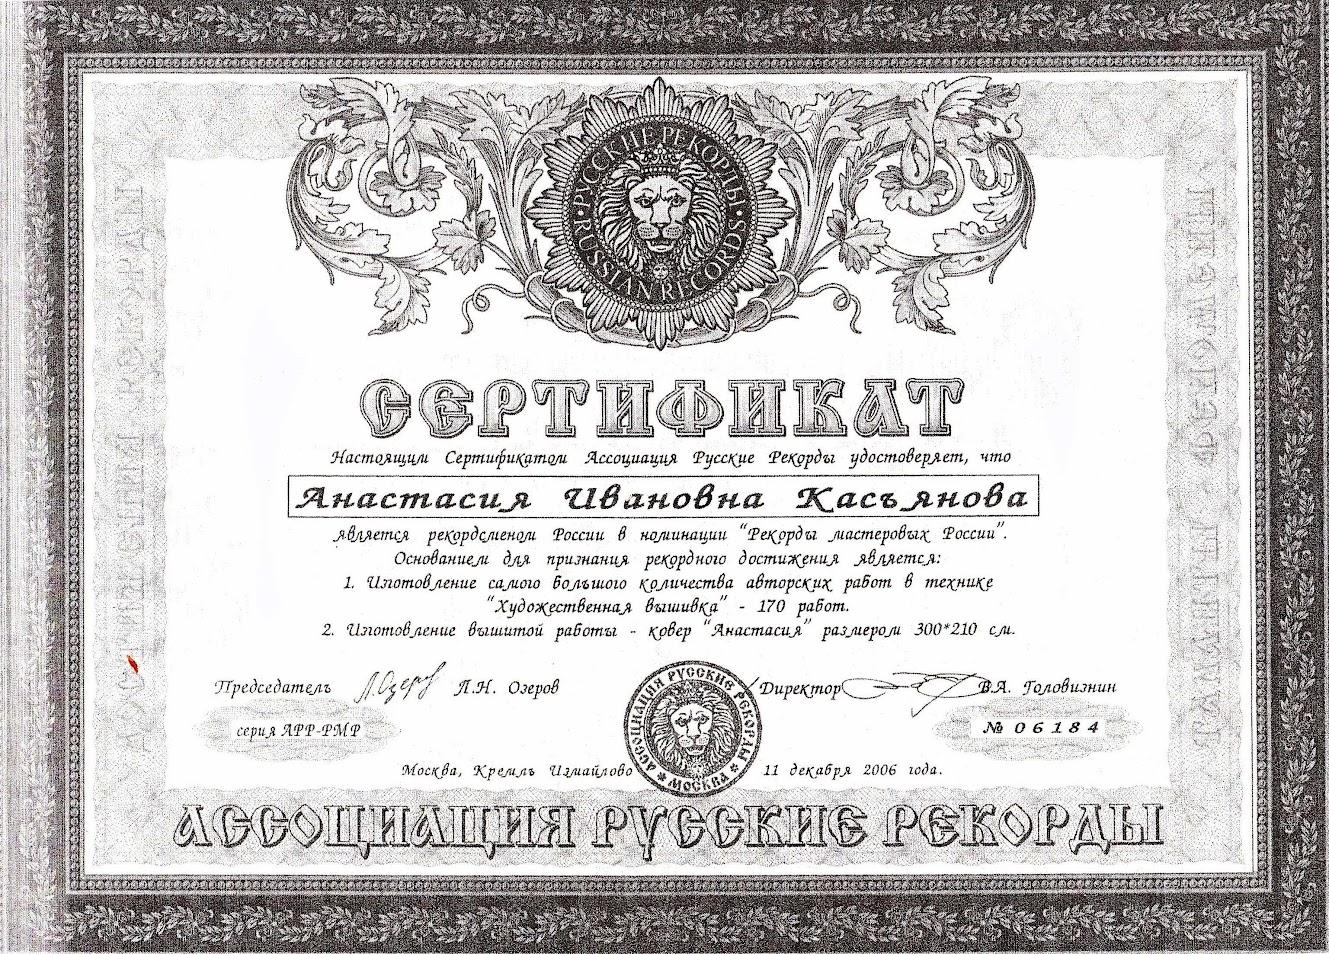 Сертификат ассоциации Русские рекорды